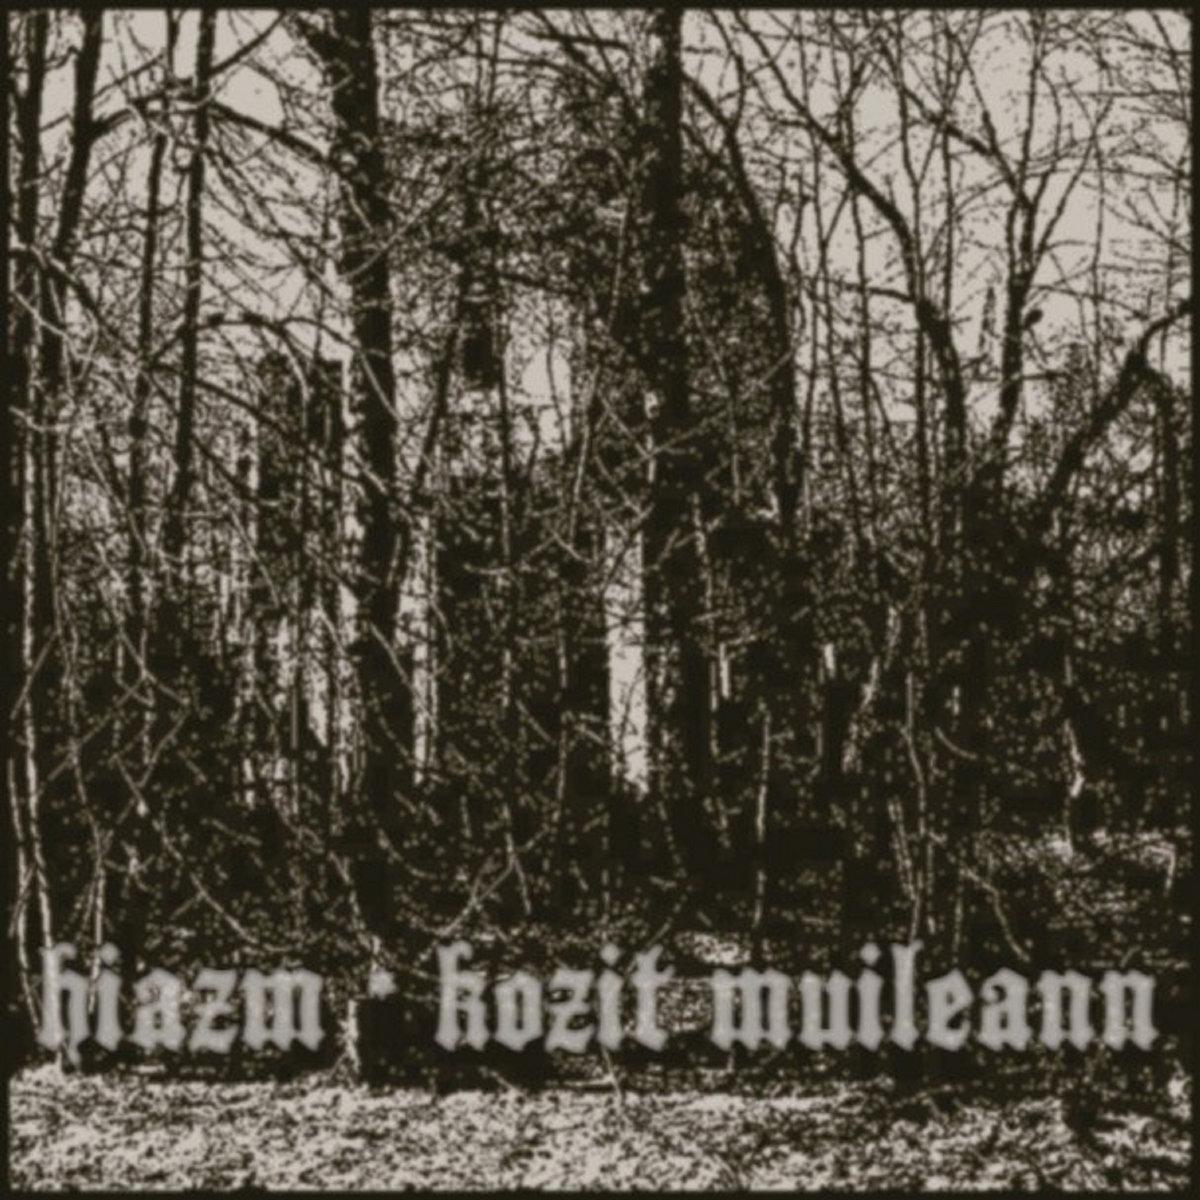 https://minerale.bandcamp.com/album/hiazm-kozit-muileann-split